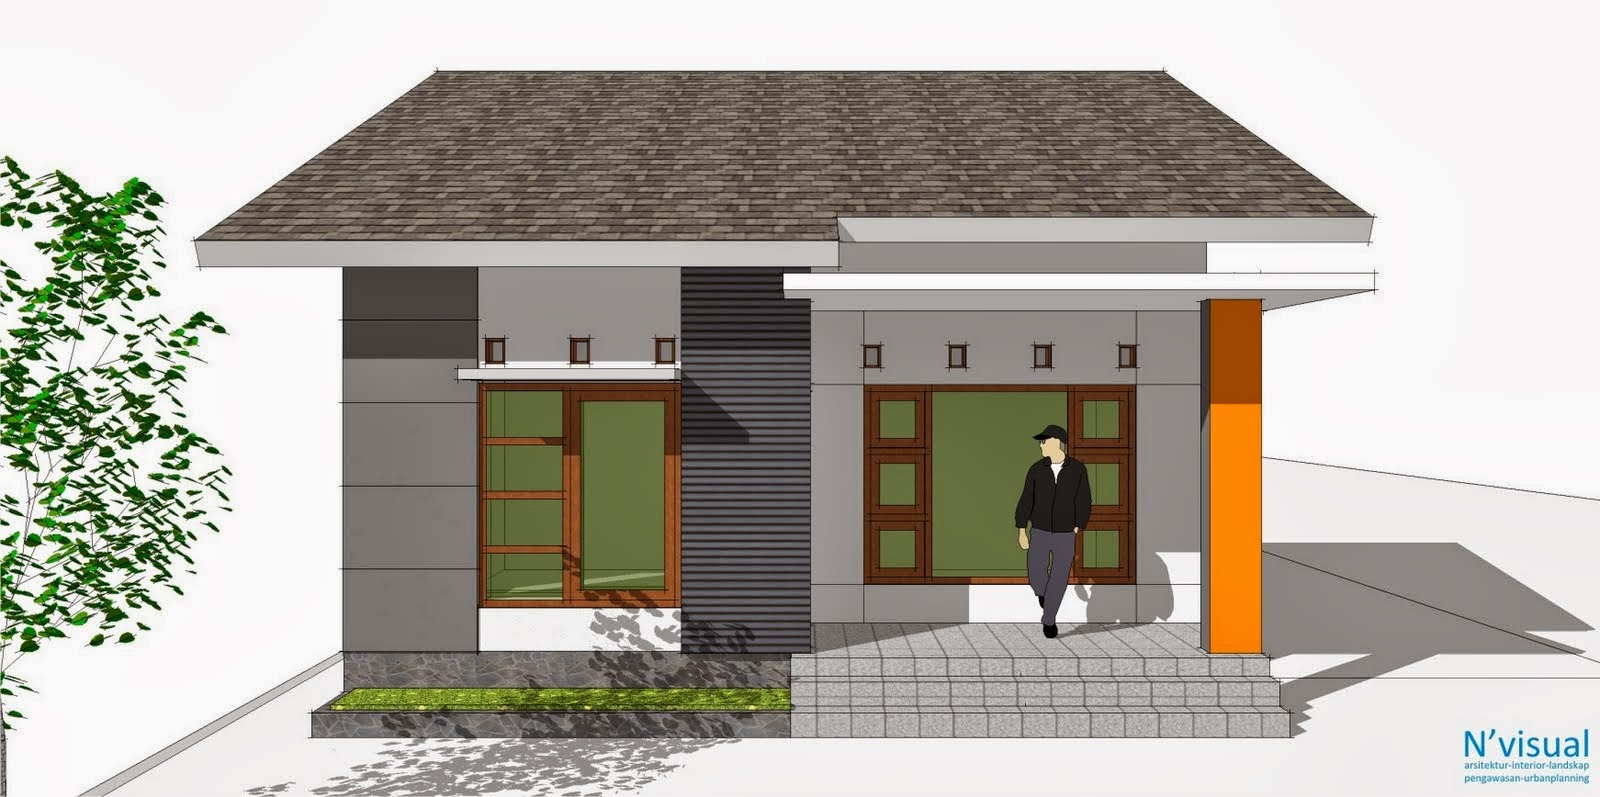 60 Desain Rumah Minimalis Kotak | Desain Rumah Minimalis ...